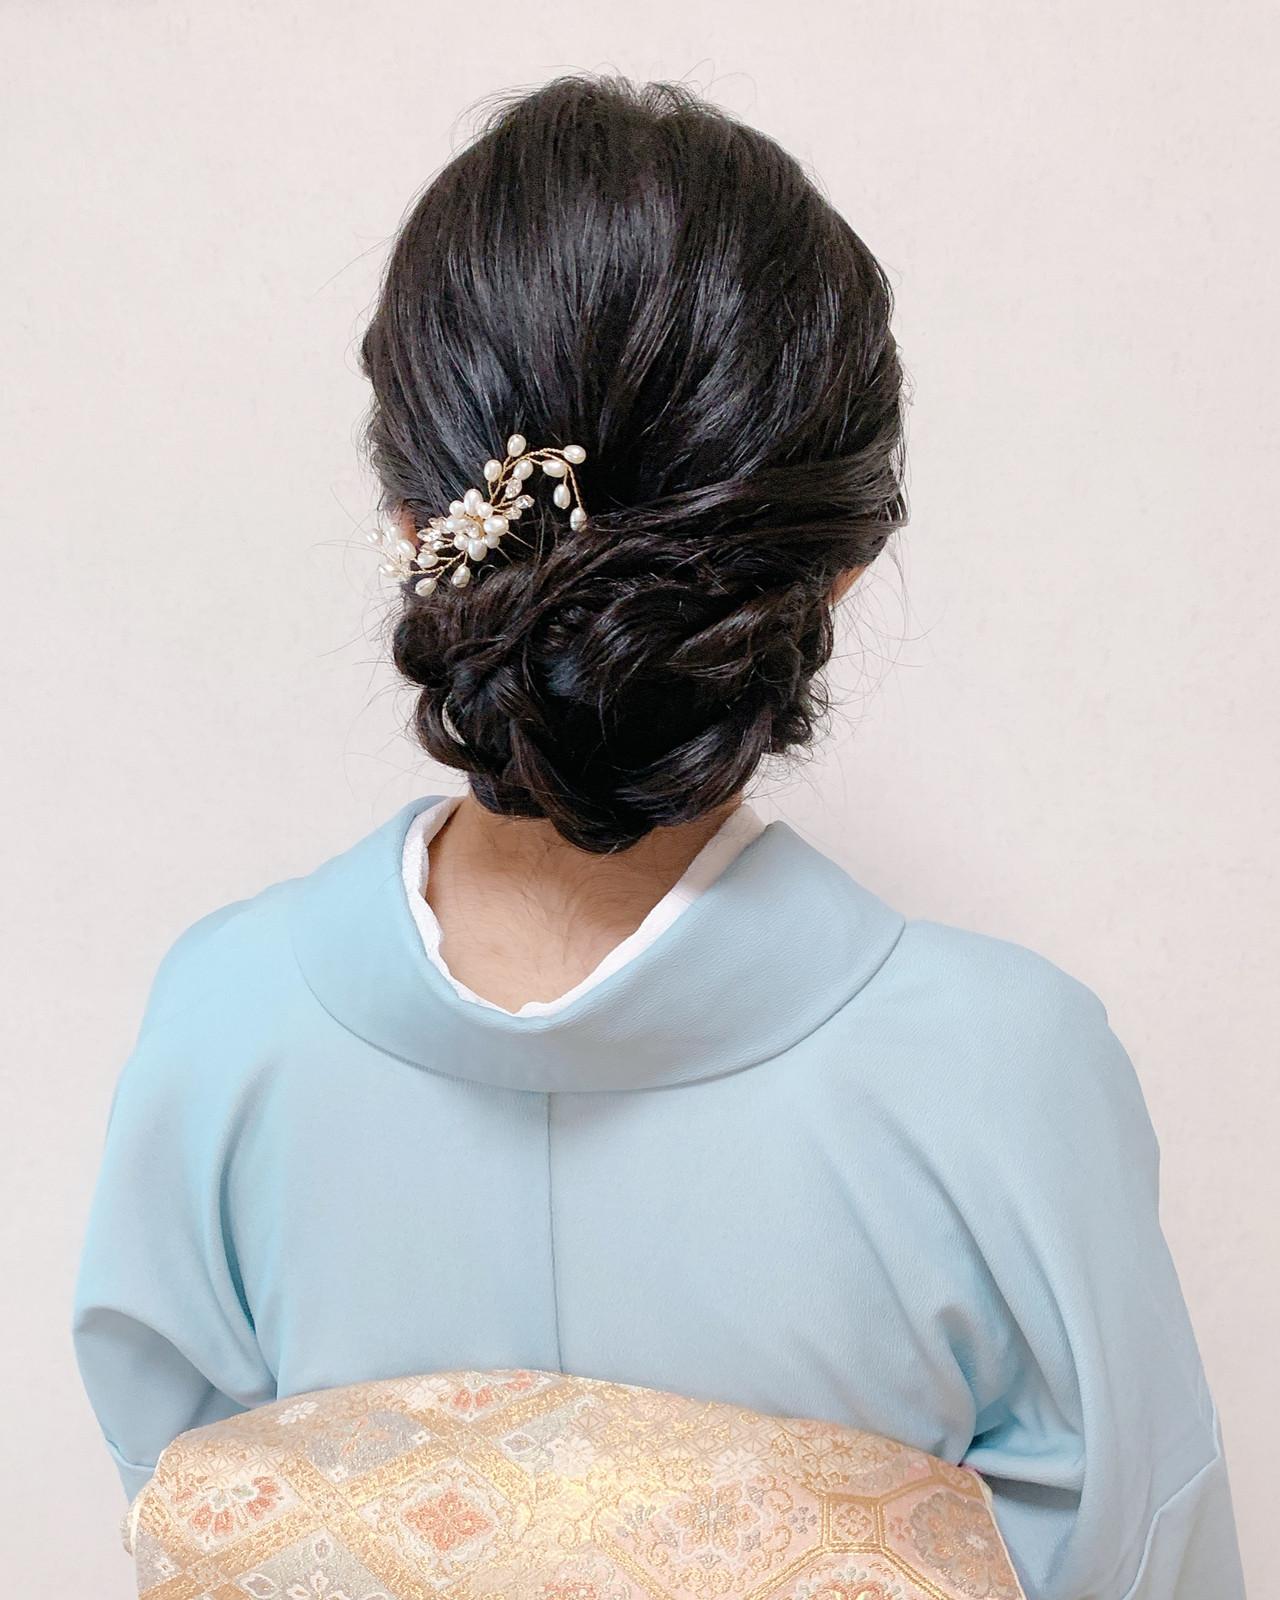 和装ヘア ミディアム 訪問着 着物 ヘアスタイルや髪型の写真・画像